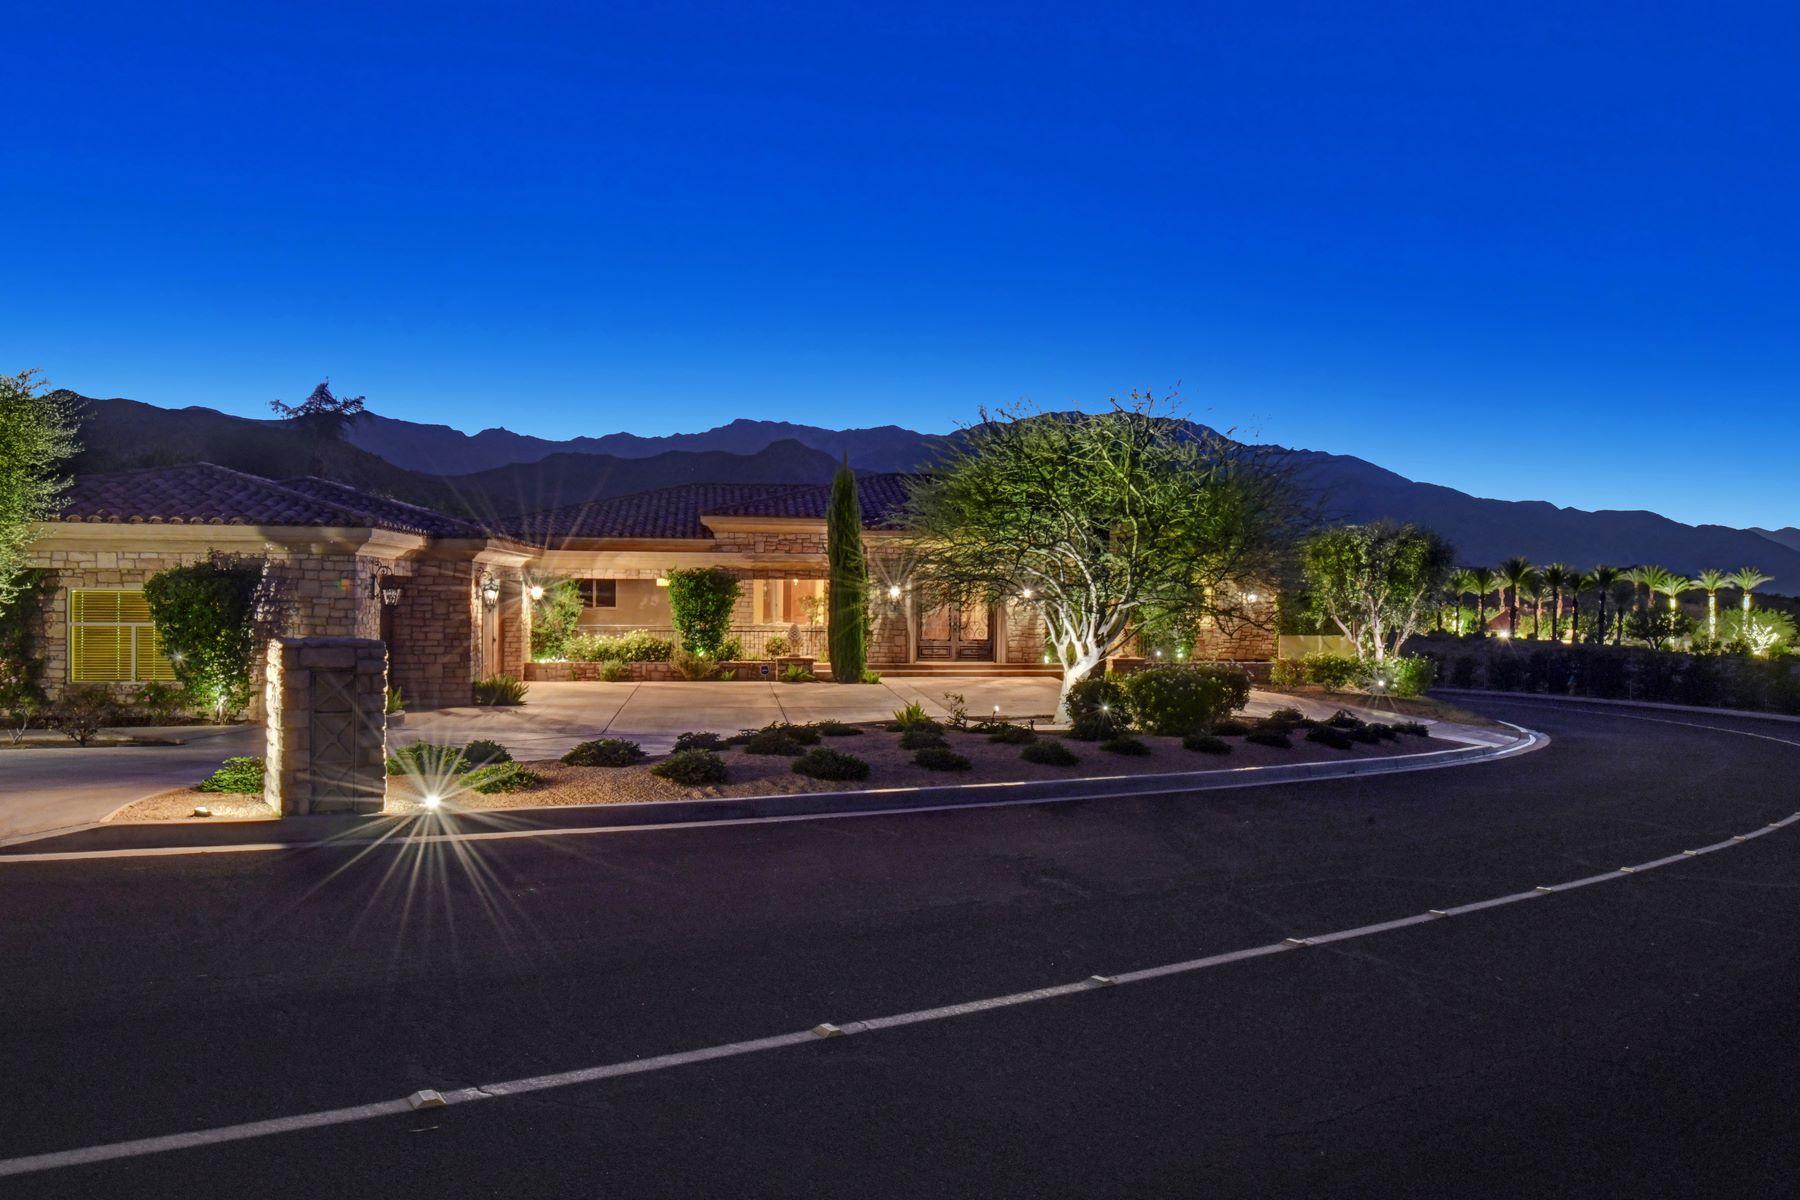 Single Family Homes for Sale at 31 Mirada Circle Rancho Mirage, California 92270 United States